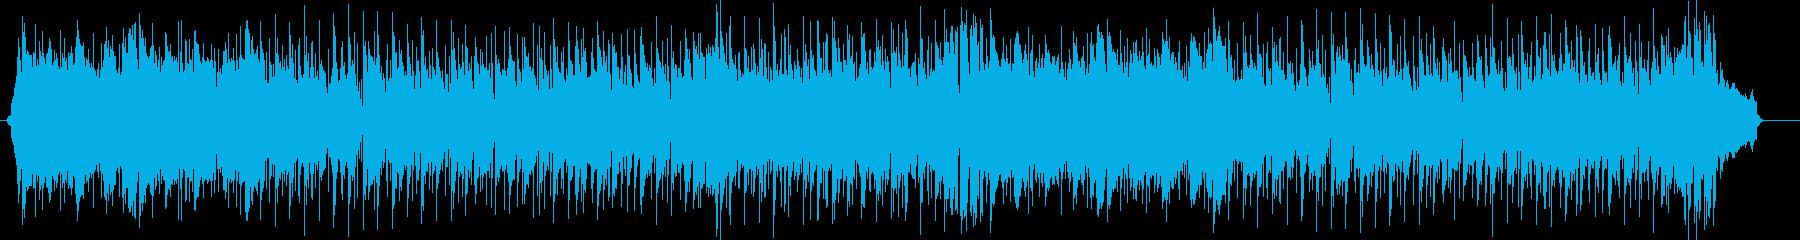 スピード感のある暗めのミュージックの再生済みの波形